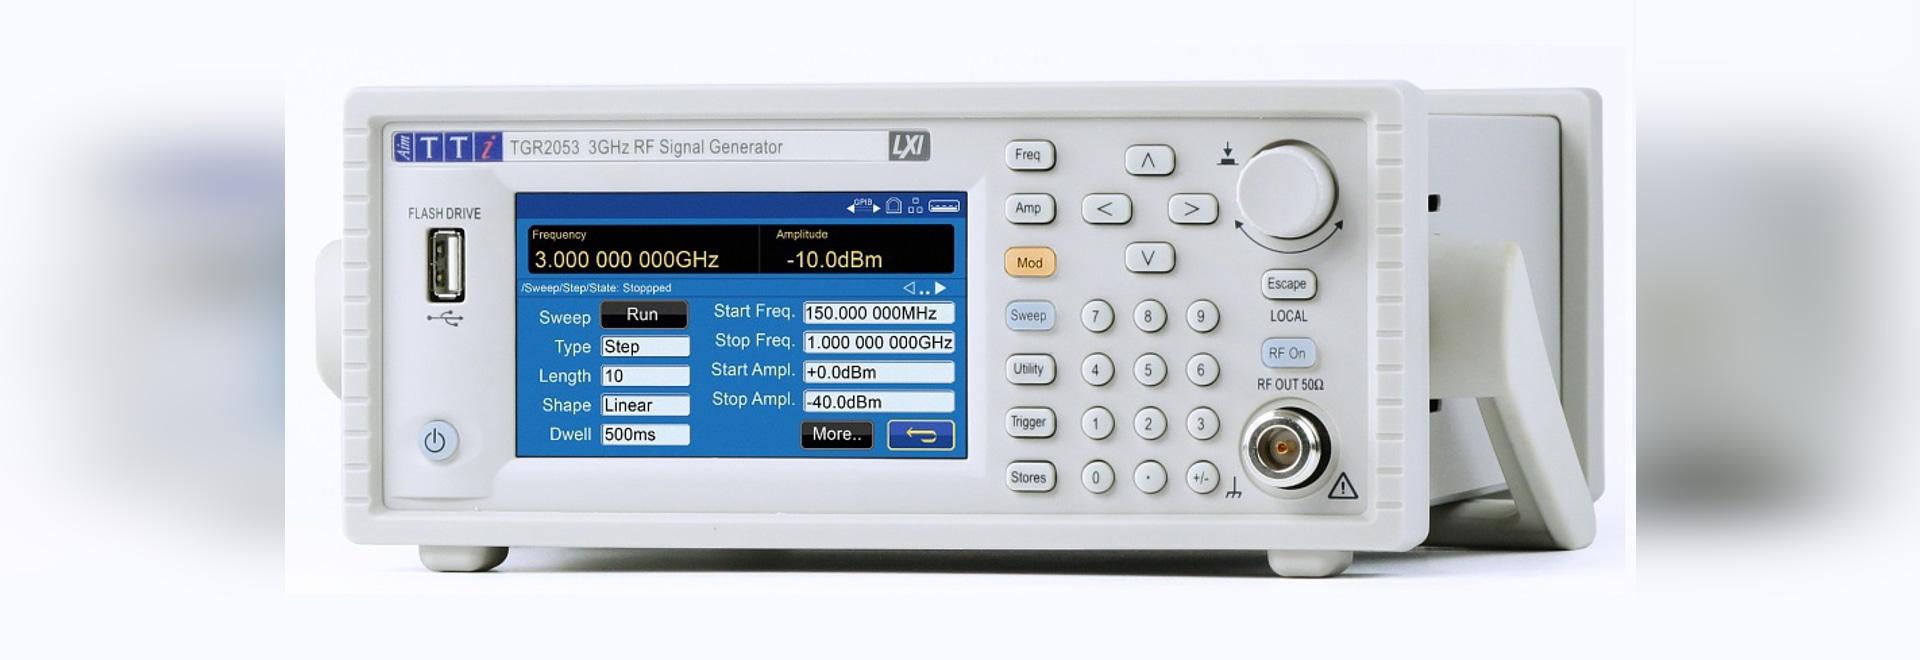 1.Générateurs de signaux RF 5/3 GHz